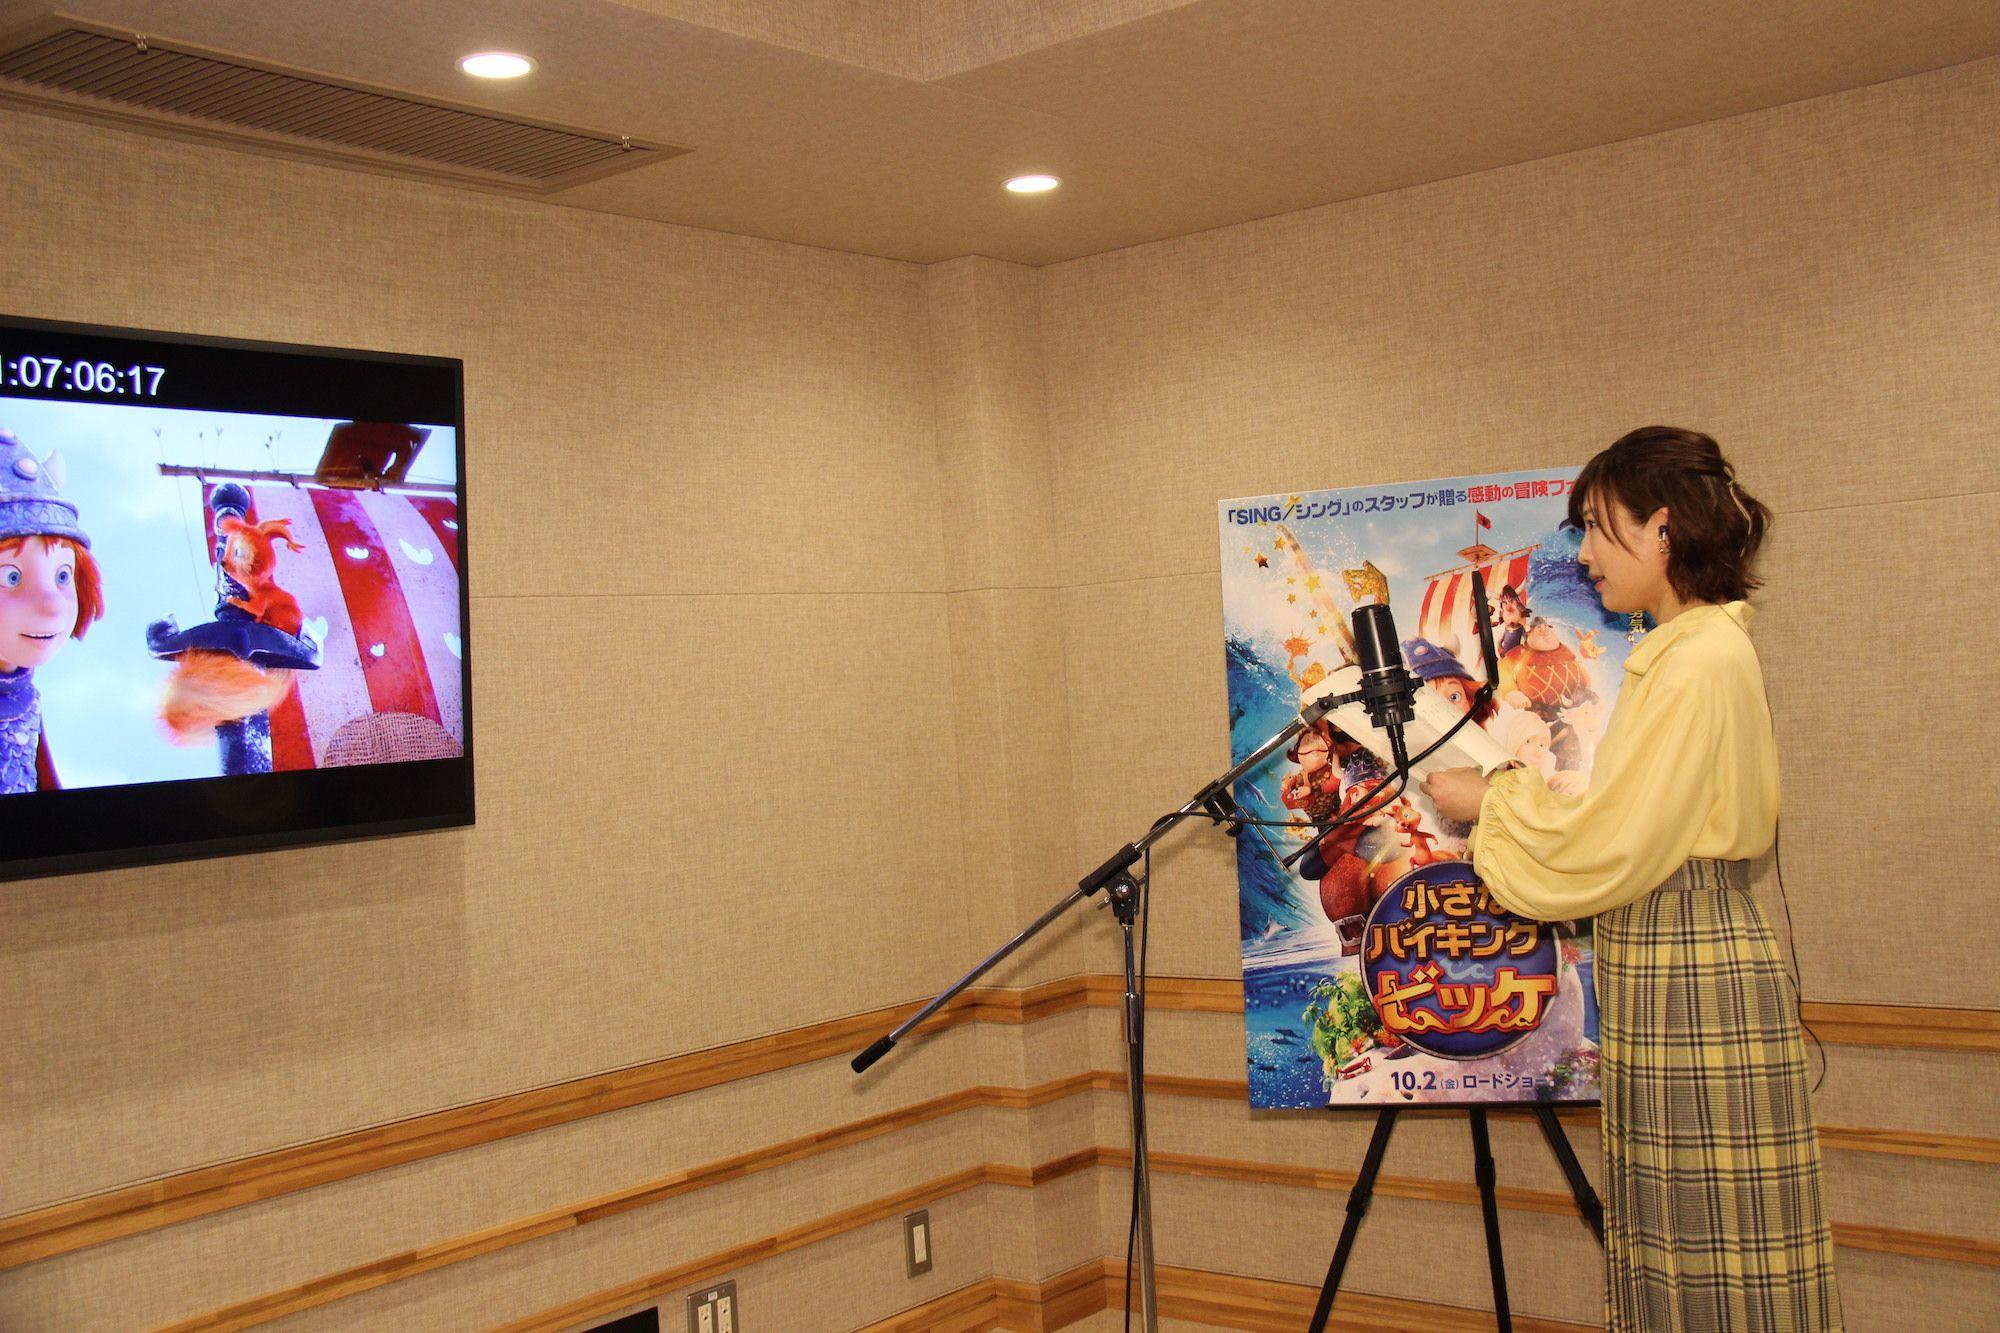 伊藤沙莉が映画『小さなバイキングビッケ』公開アフレコに参加、自粛期間は自宅カラオケで「歌ってました」の画像001